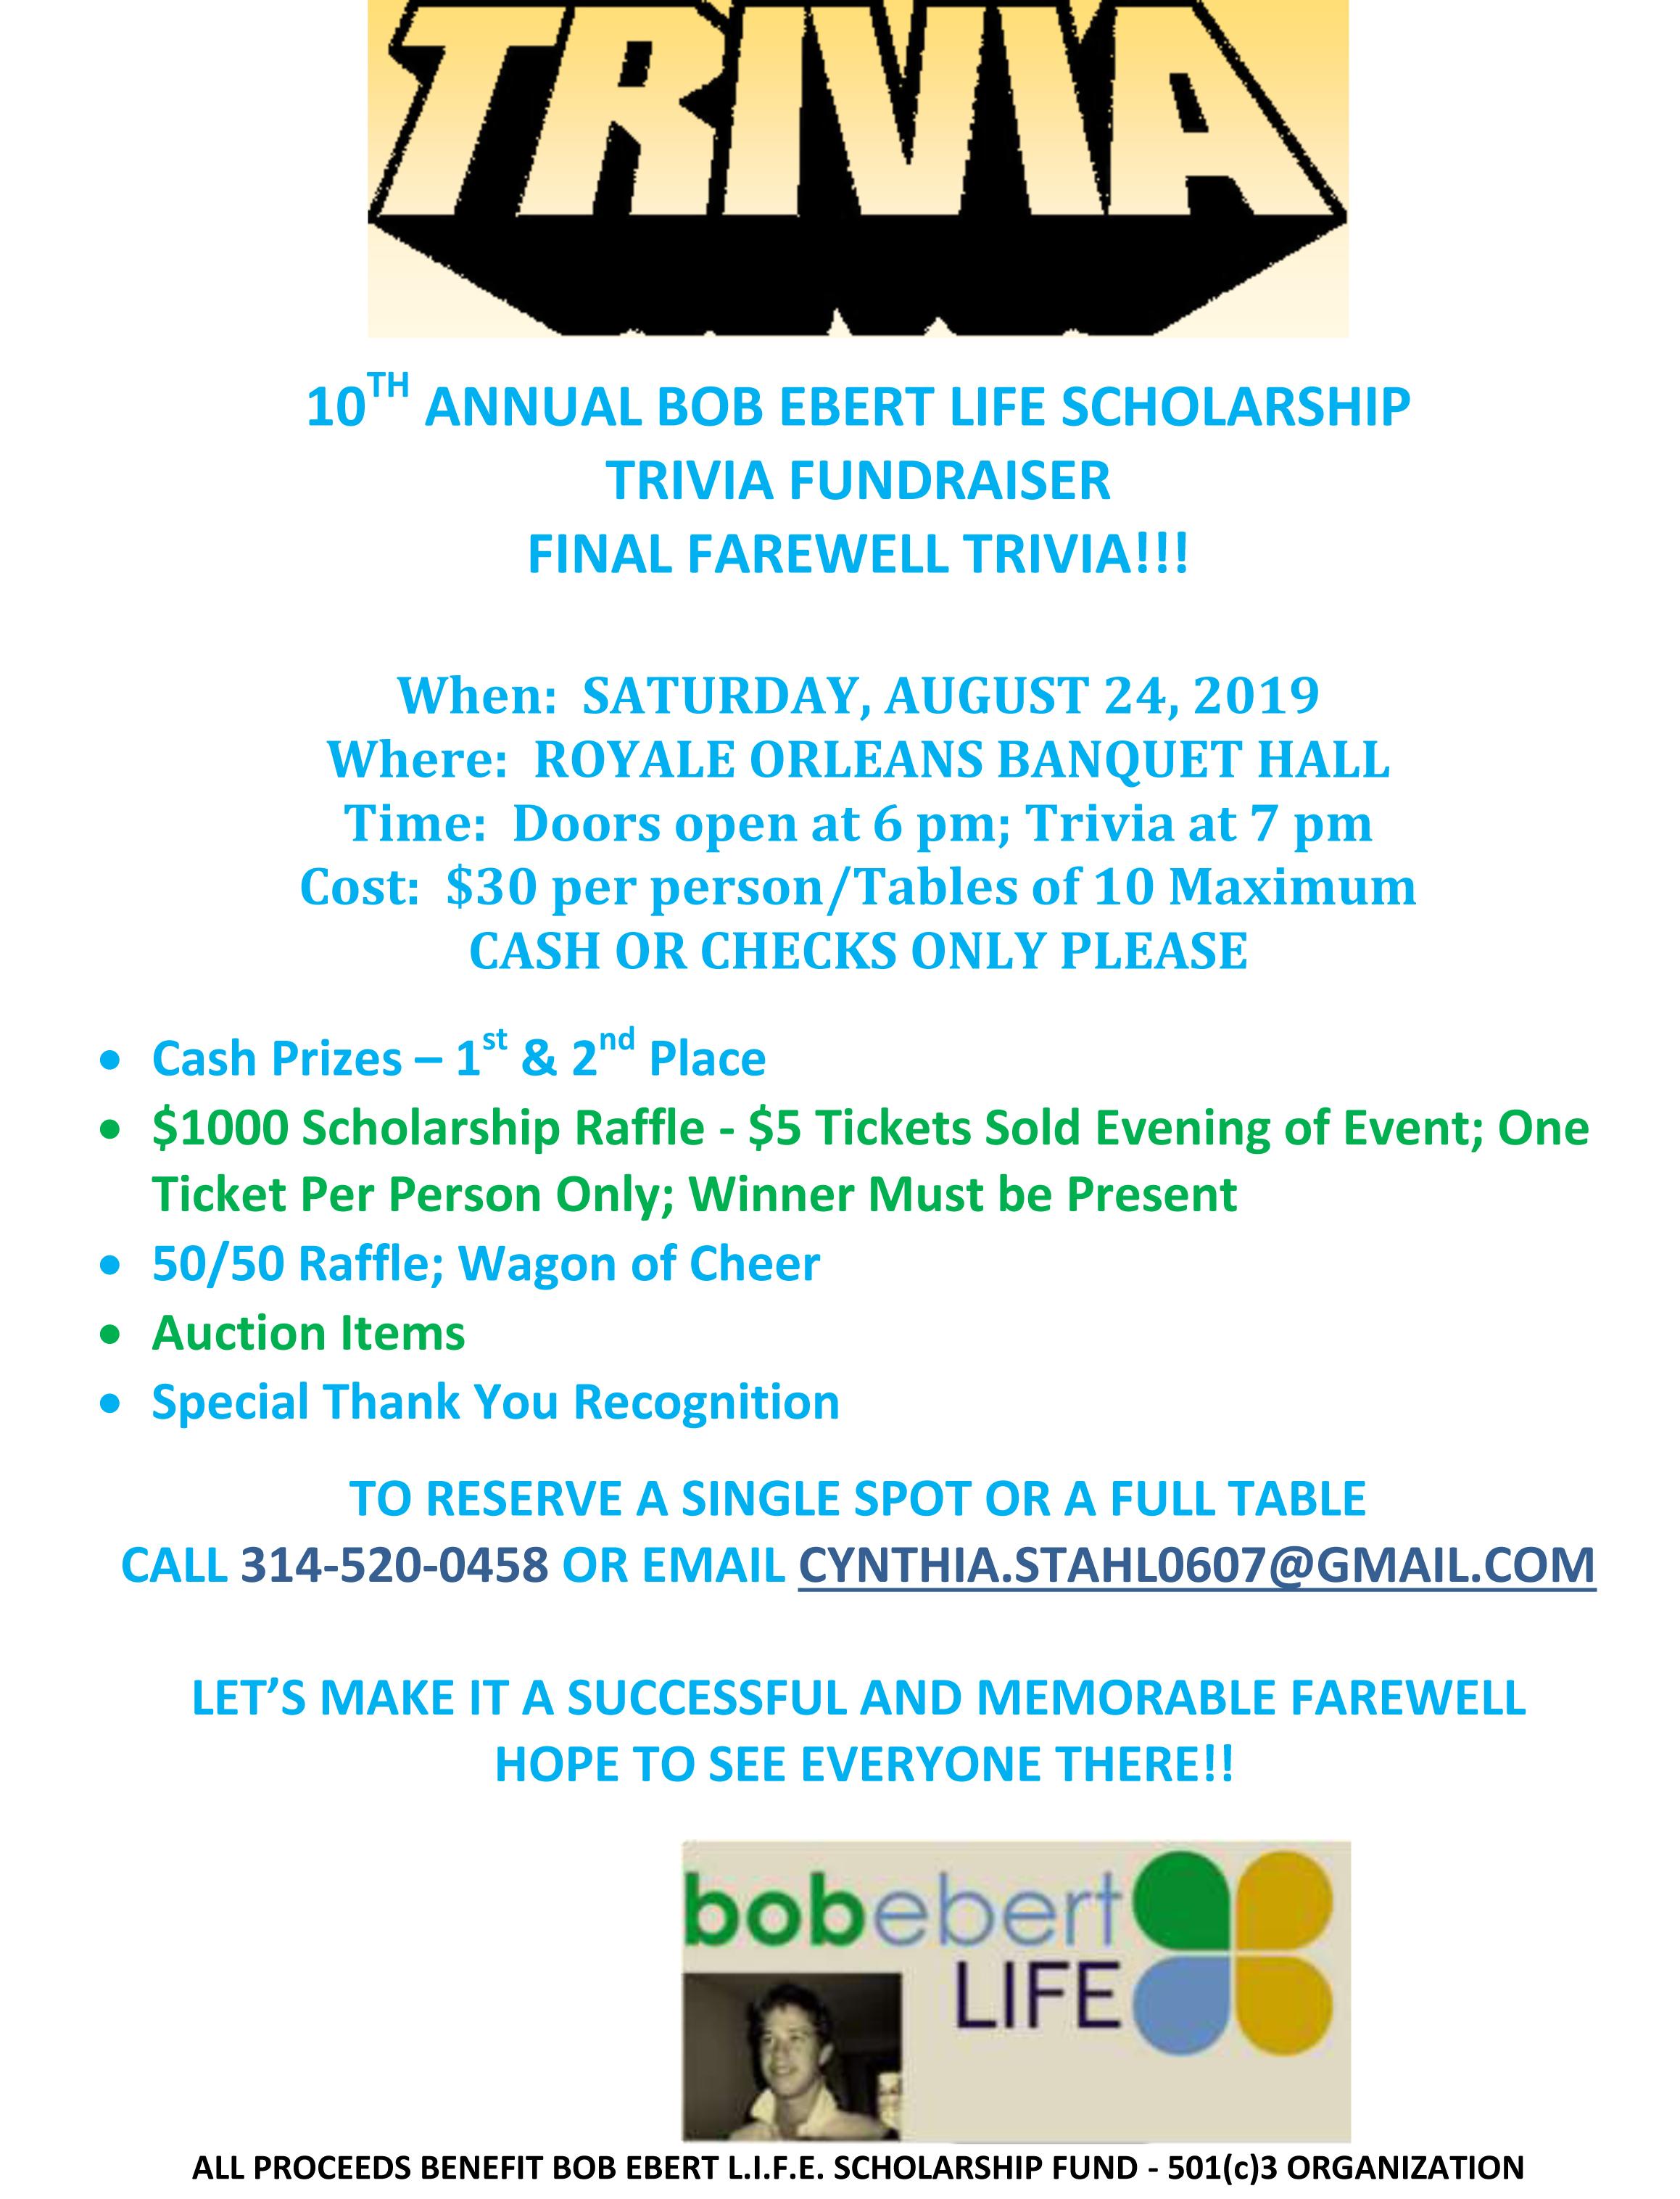 Bob Ebert Life Fundraiser Invitation_2019.jpg